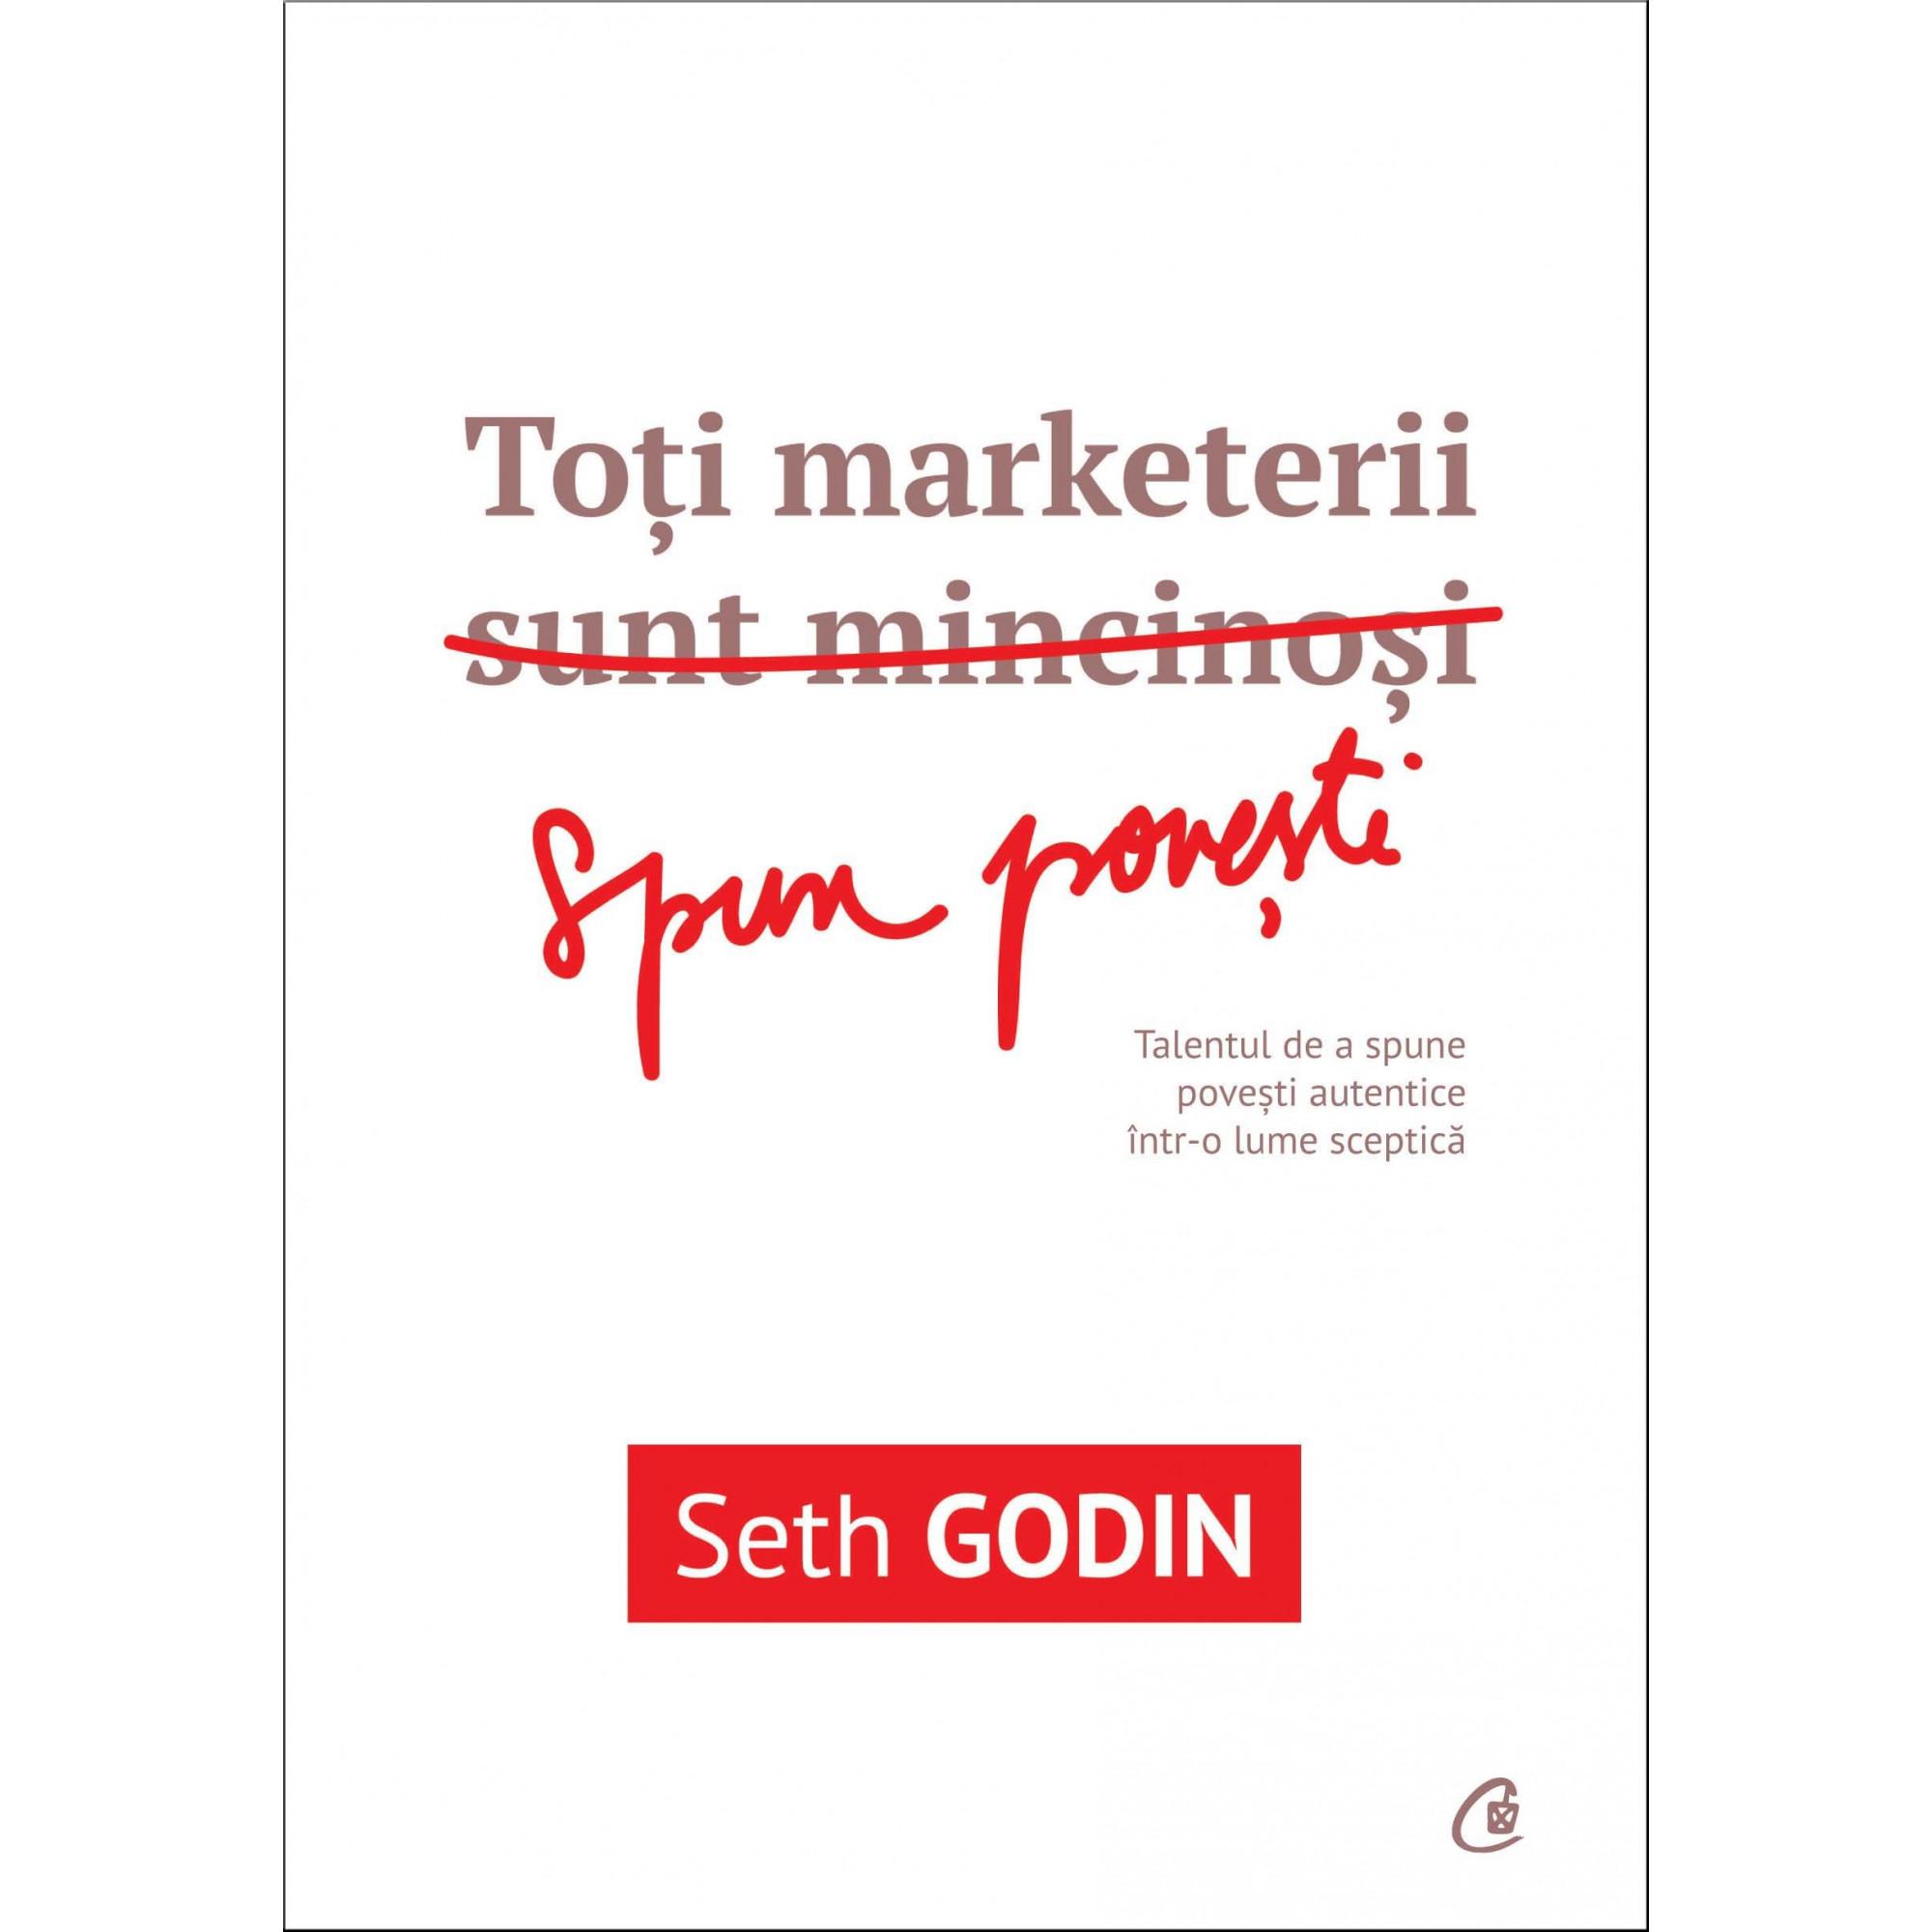 Toți marketerii sunt mincinoși; Seth Godin